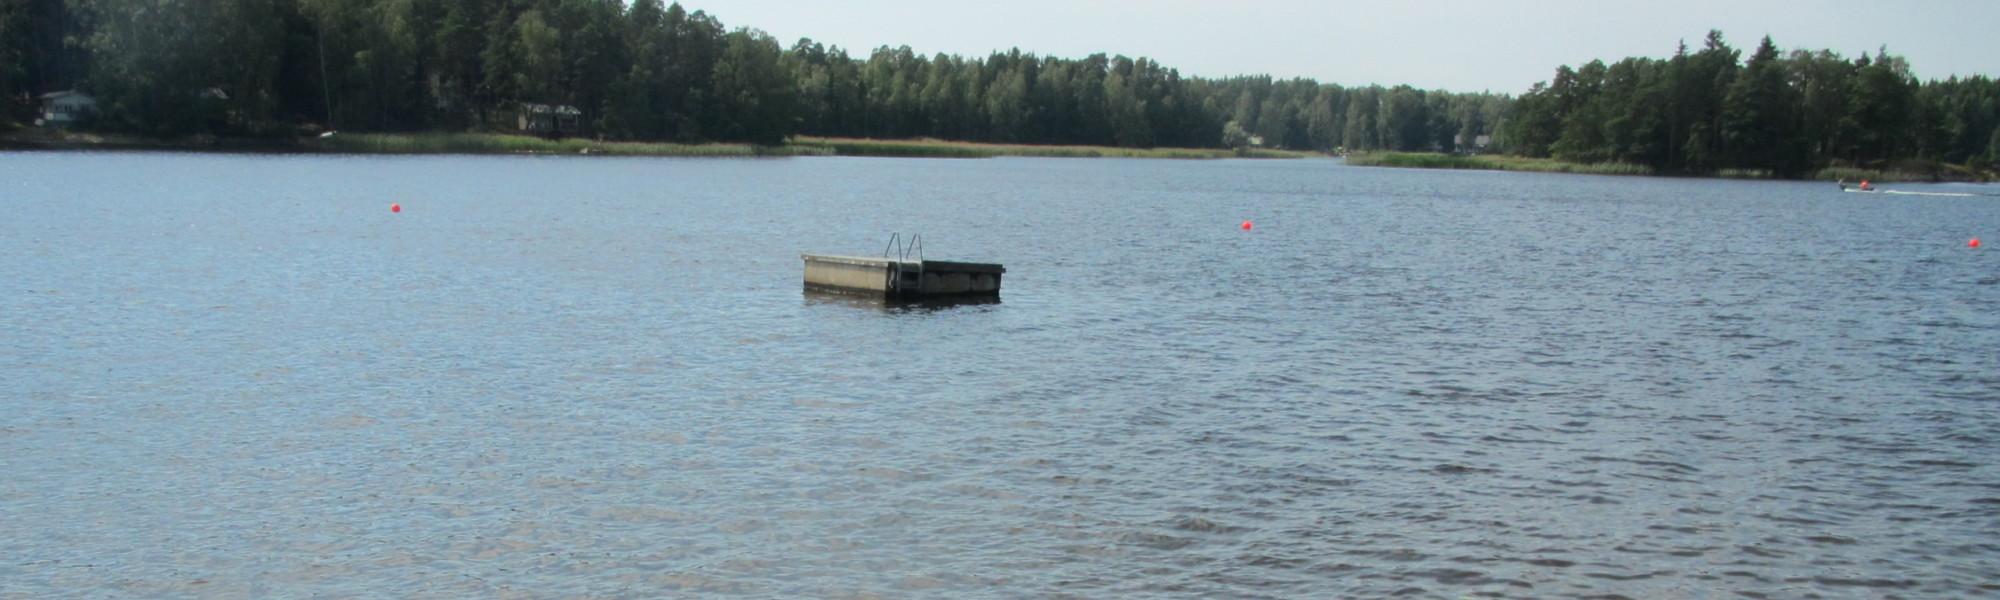 Kuvassa on Ruonalan uimaranta